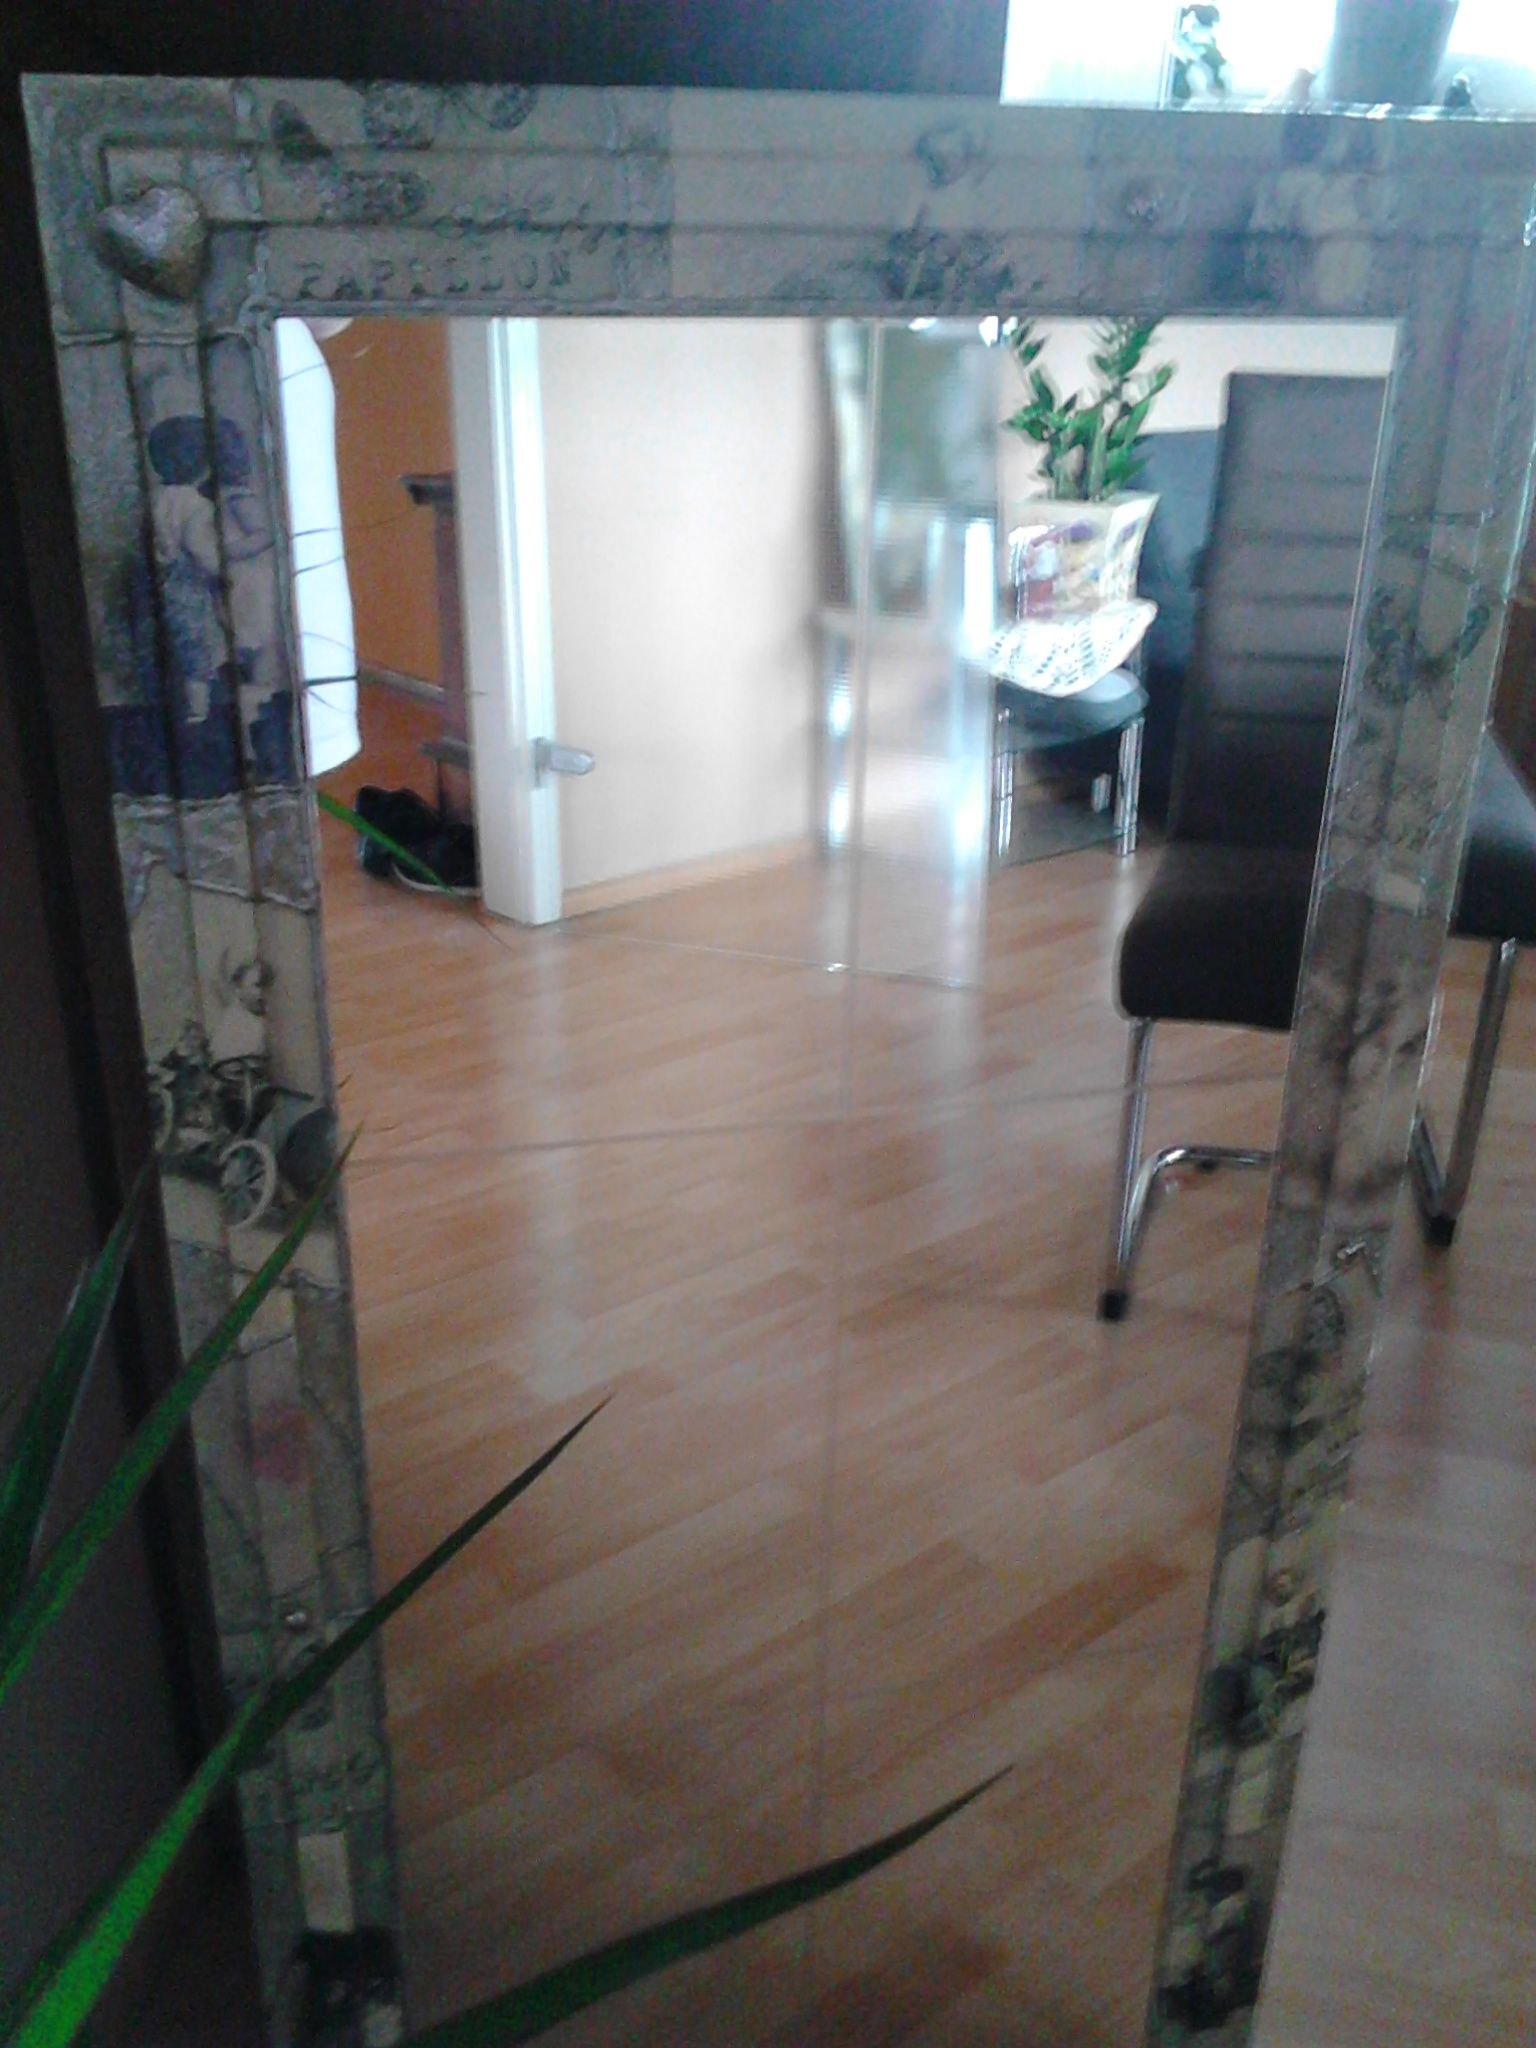 Auftrag: Alter Holzrahmenspiegel, modern passend zu einem grau/weißen Flur Auftrag abgeschlossen für 30€